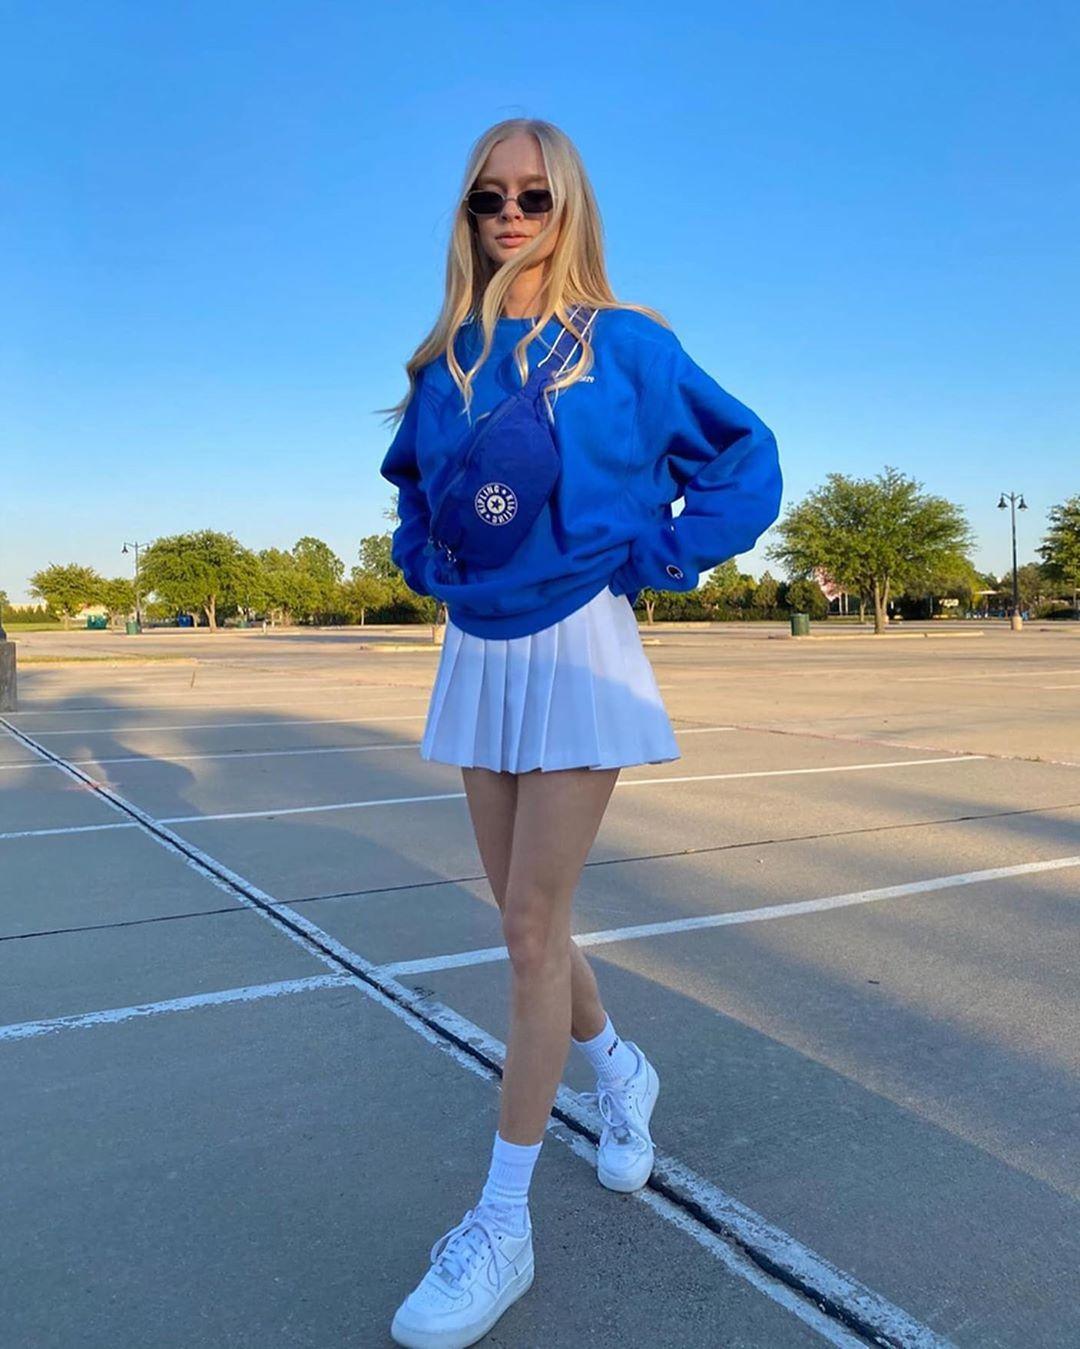 Không khó để thấy xu hướng diện đồ sporty này đang lên ngôi trên các mạng xã hội Instagram hay TikTok. Với một chiếc chân váy tennis, bạn có thể phối hợp đa dạng cùng các kiểu áo để tạo nên những set đồ thời thượng.